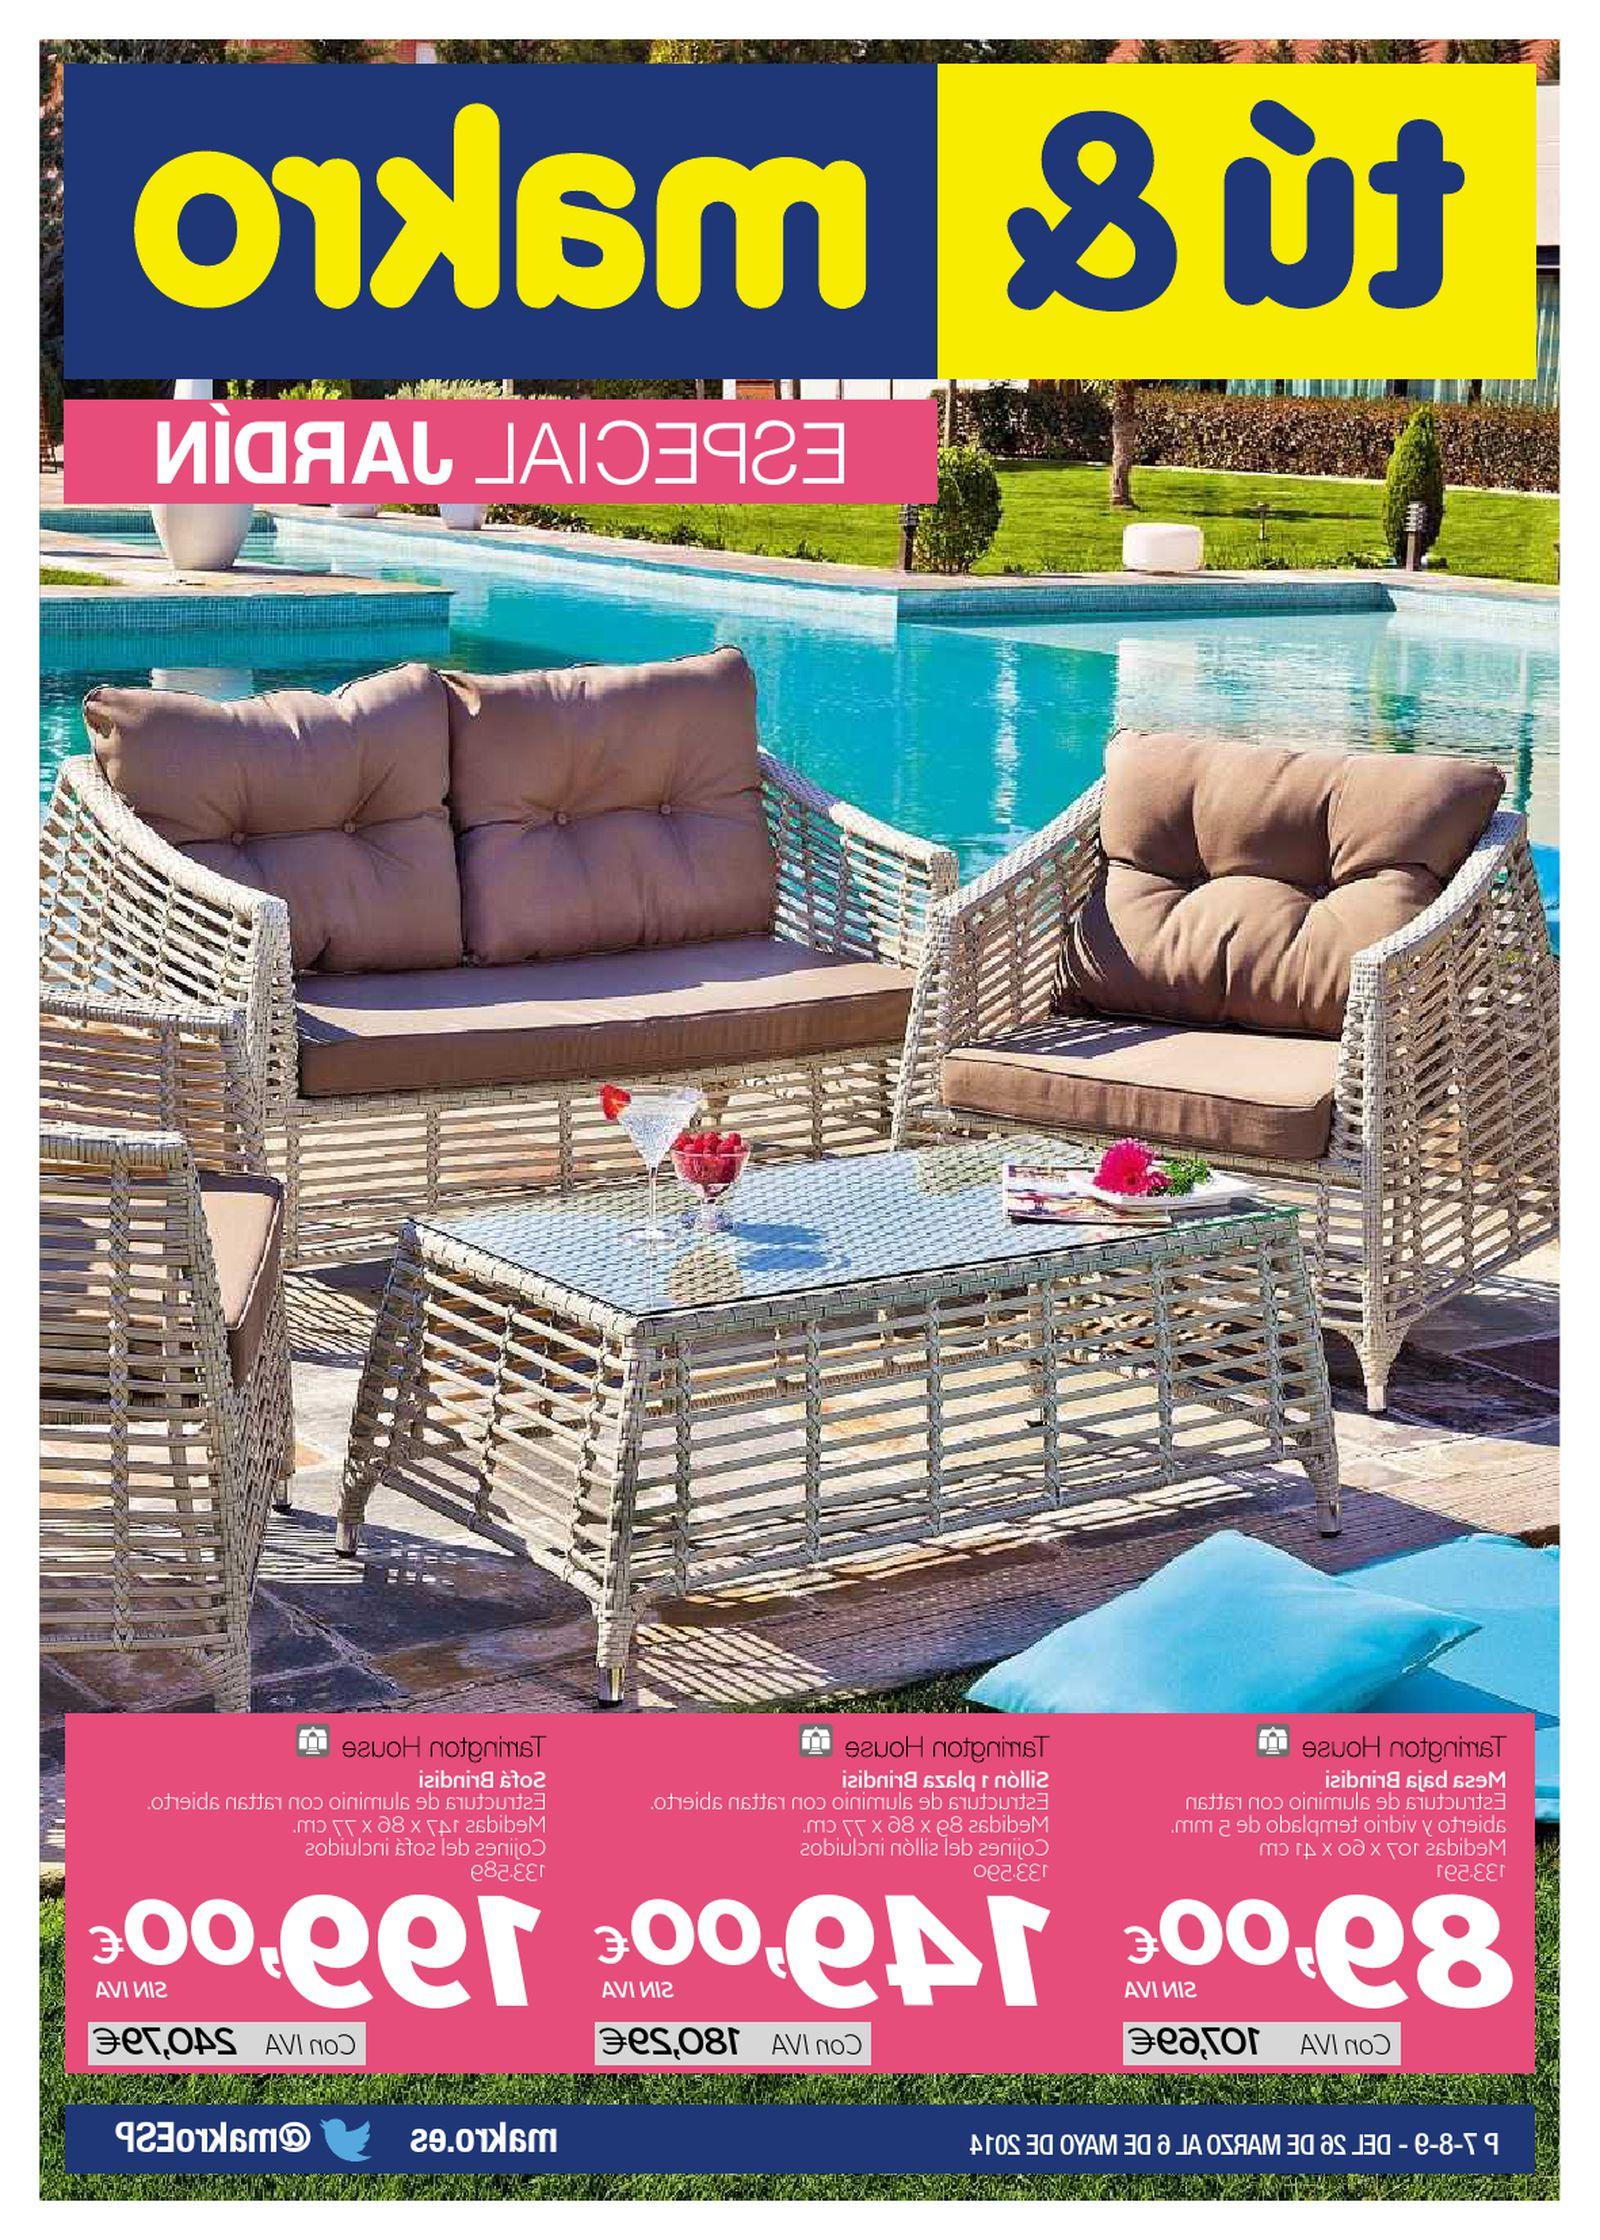 Muebles Jardin Makro Jxdu Catalogo Makro Muebles De Jardin Y Terraza Pdf Flipbook